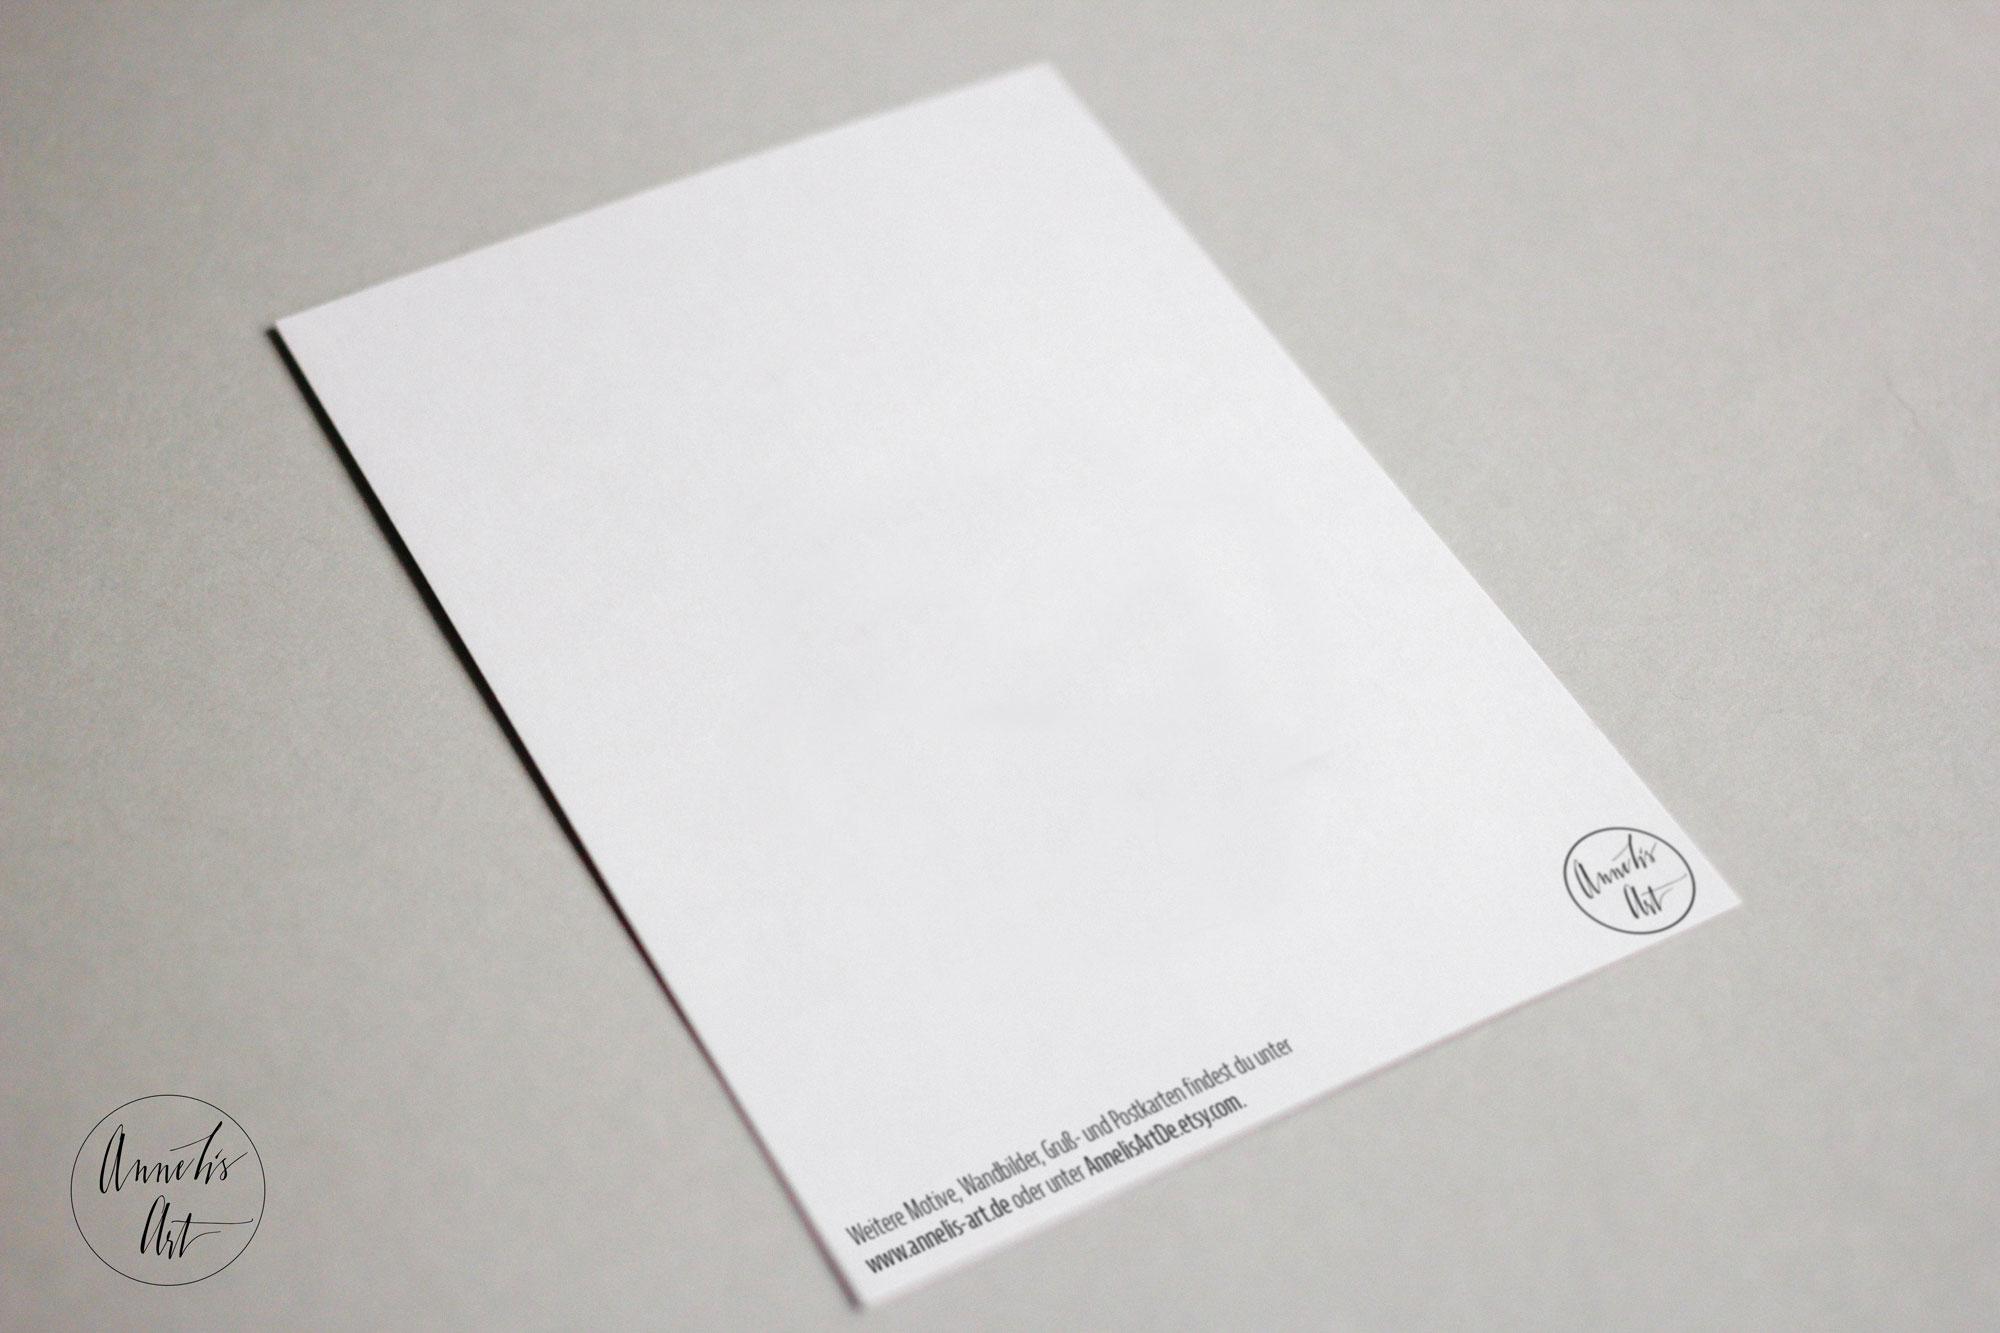 Postkarte | Ruhestand, den Wecker ertränken